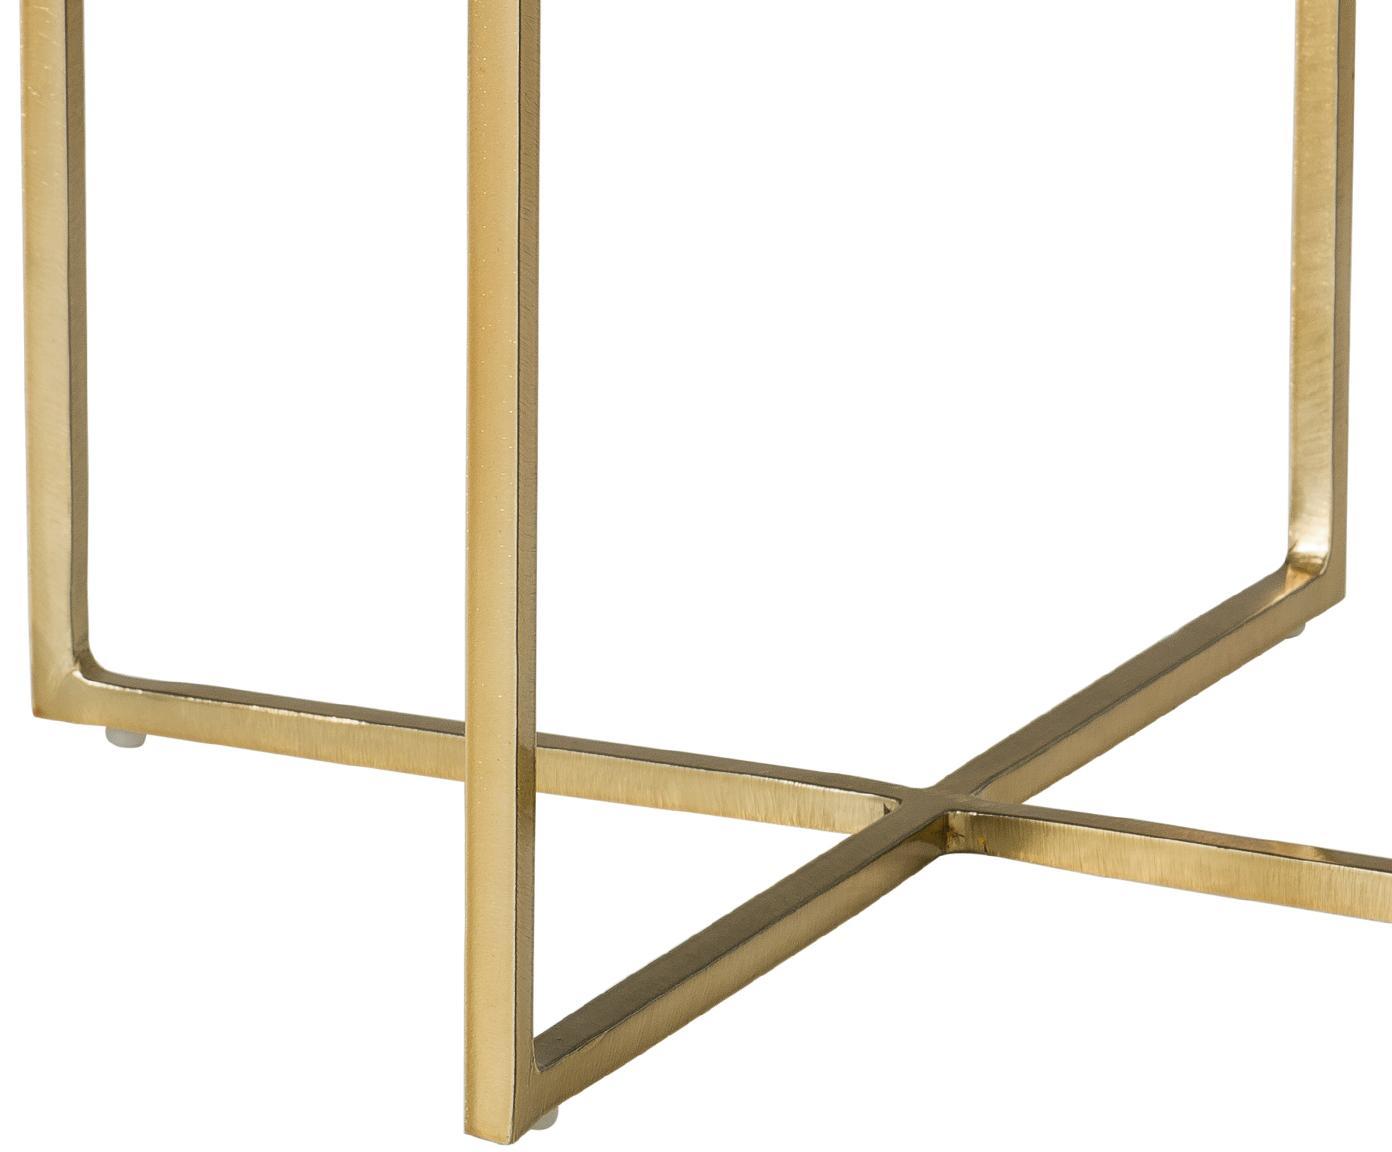 Okrągły stolik pomocniczy z marmuru Nova, Blat: marmur, Stelaż: metal malowany proszkowo, Blat: zielony marmur Stelaż: odcienie złotego, błyszczący, Ø 40 x W 50 cm